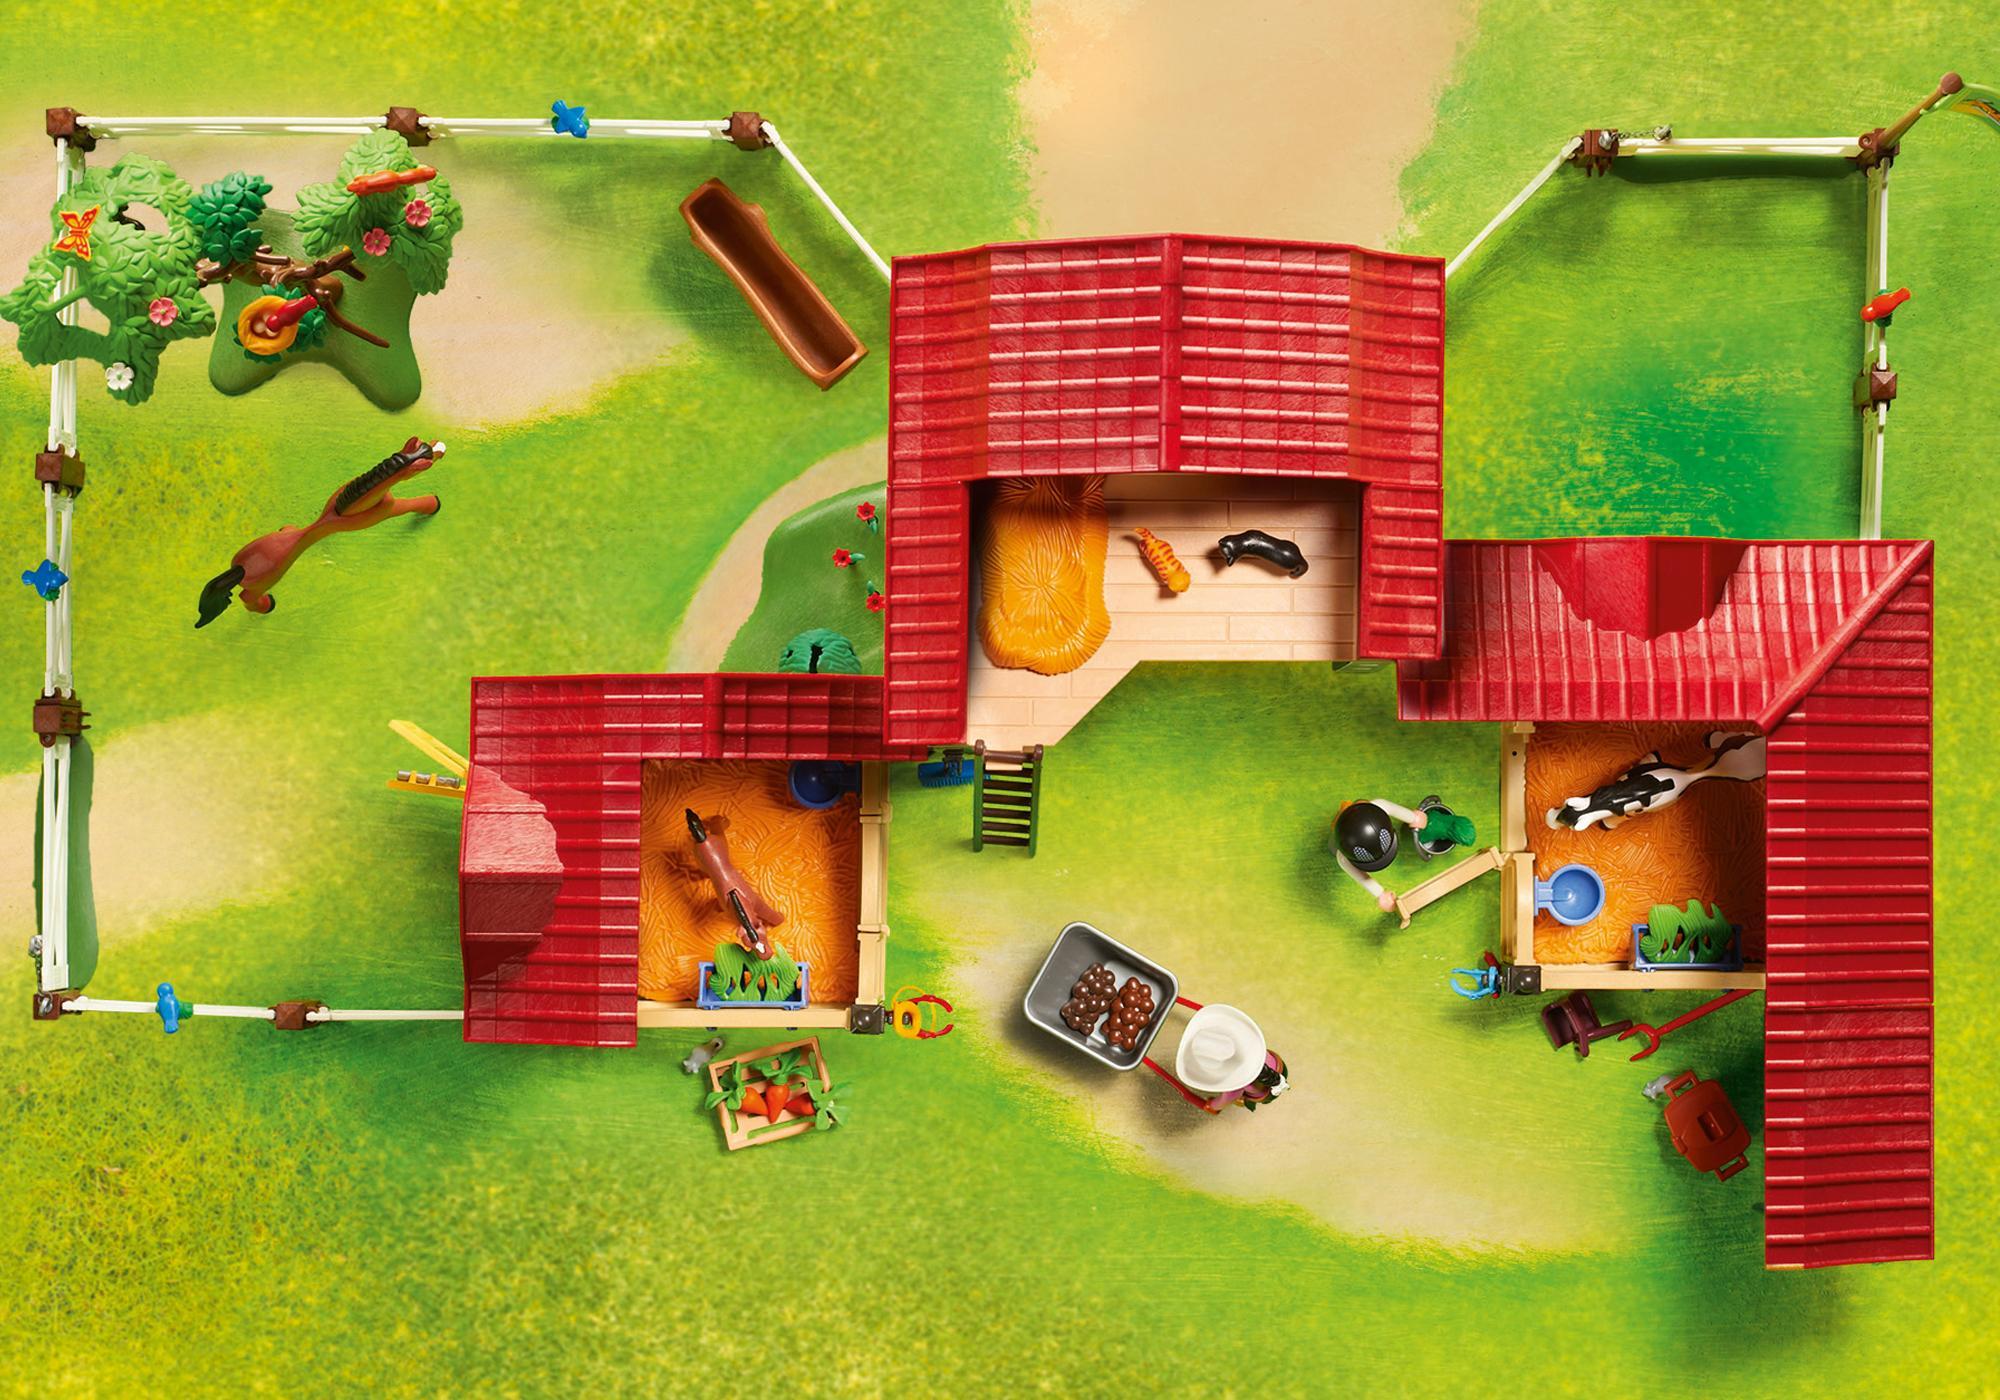 http://media.playmobil.com/i/playmobil/6926_product_extra1/Större ridanläggning